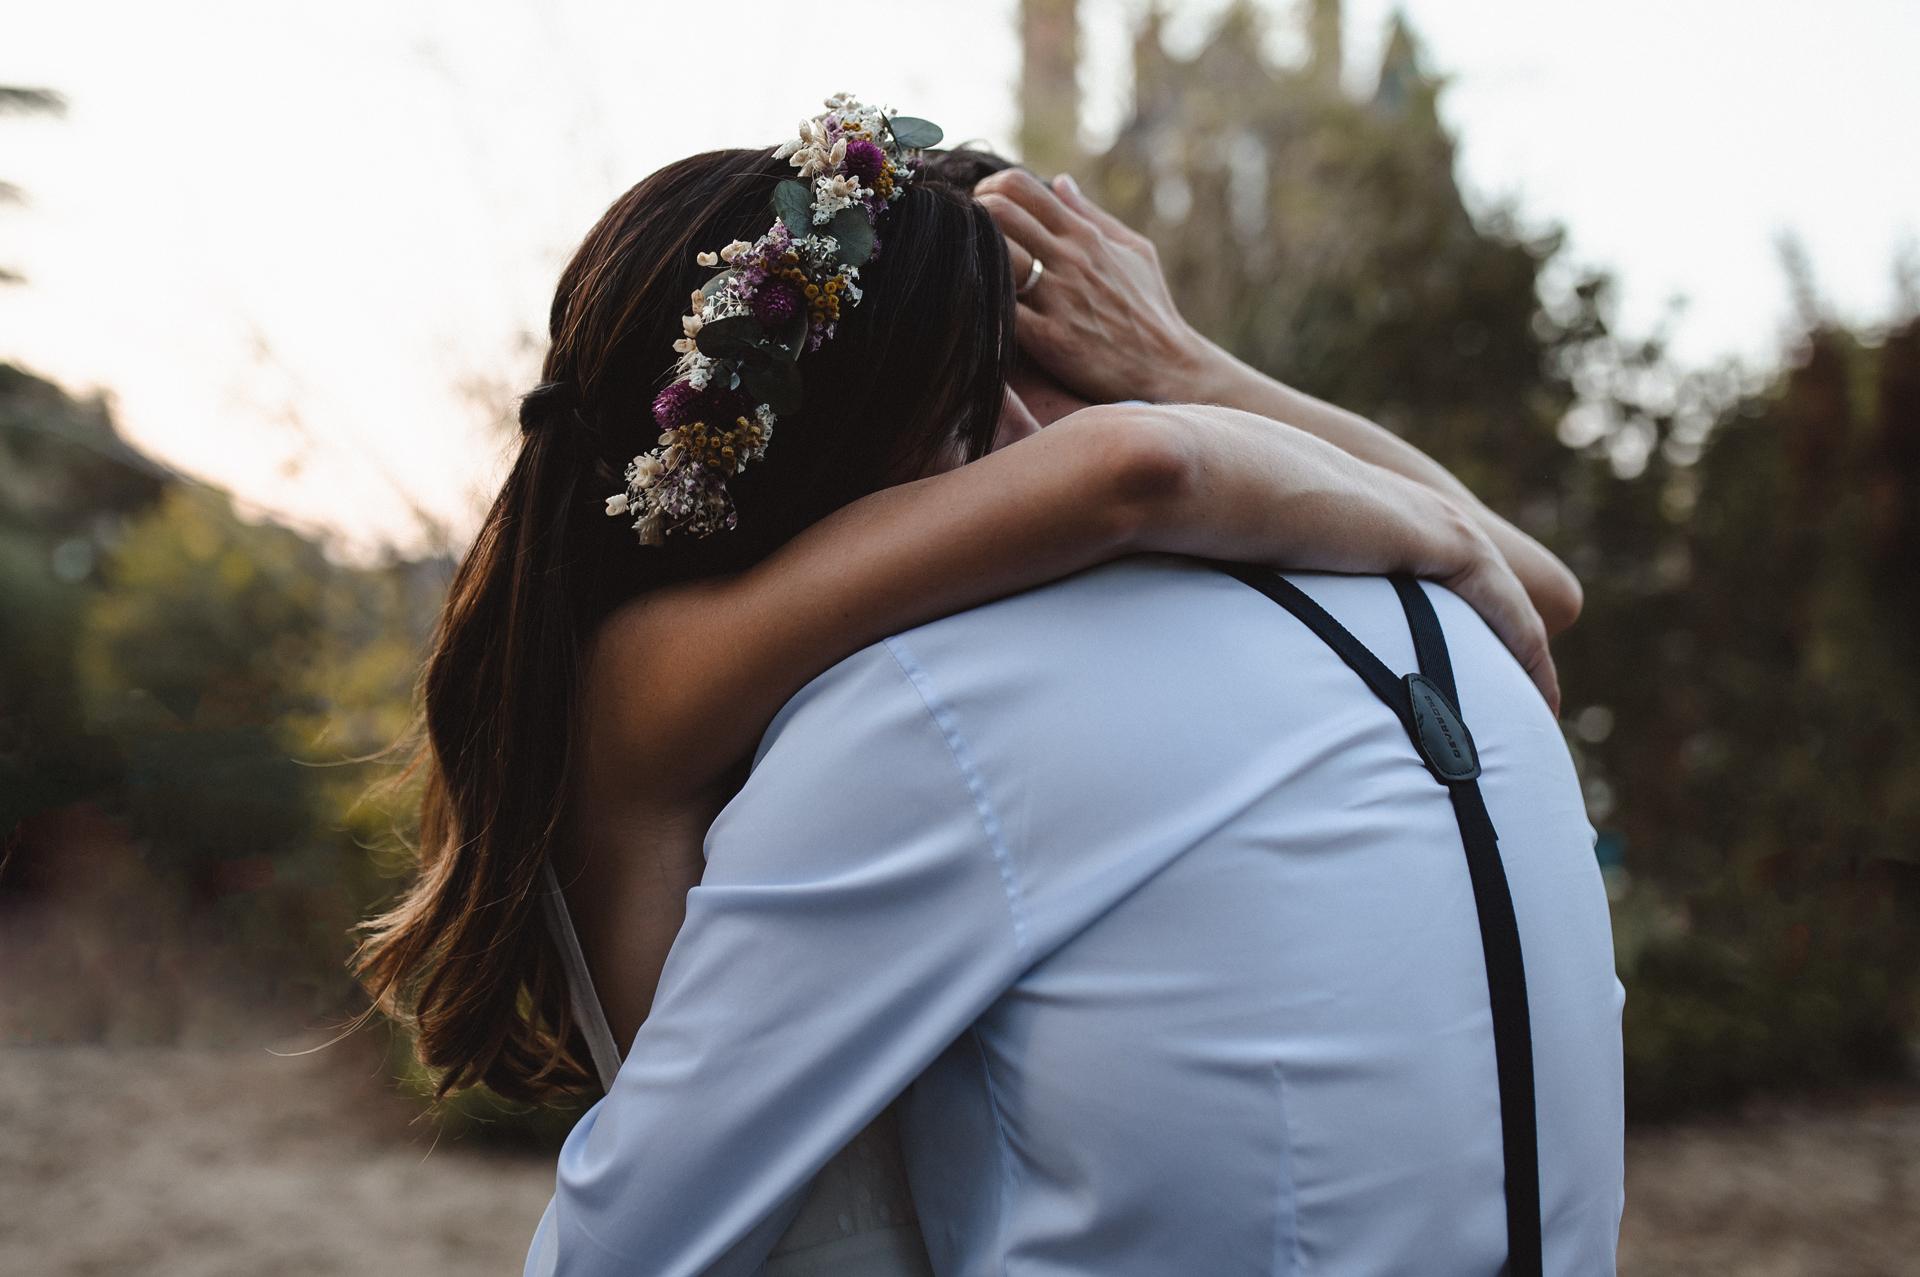 法国婚礼摄影师| 新娘和新郎充满爱与情感